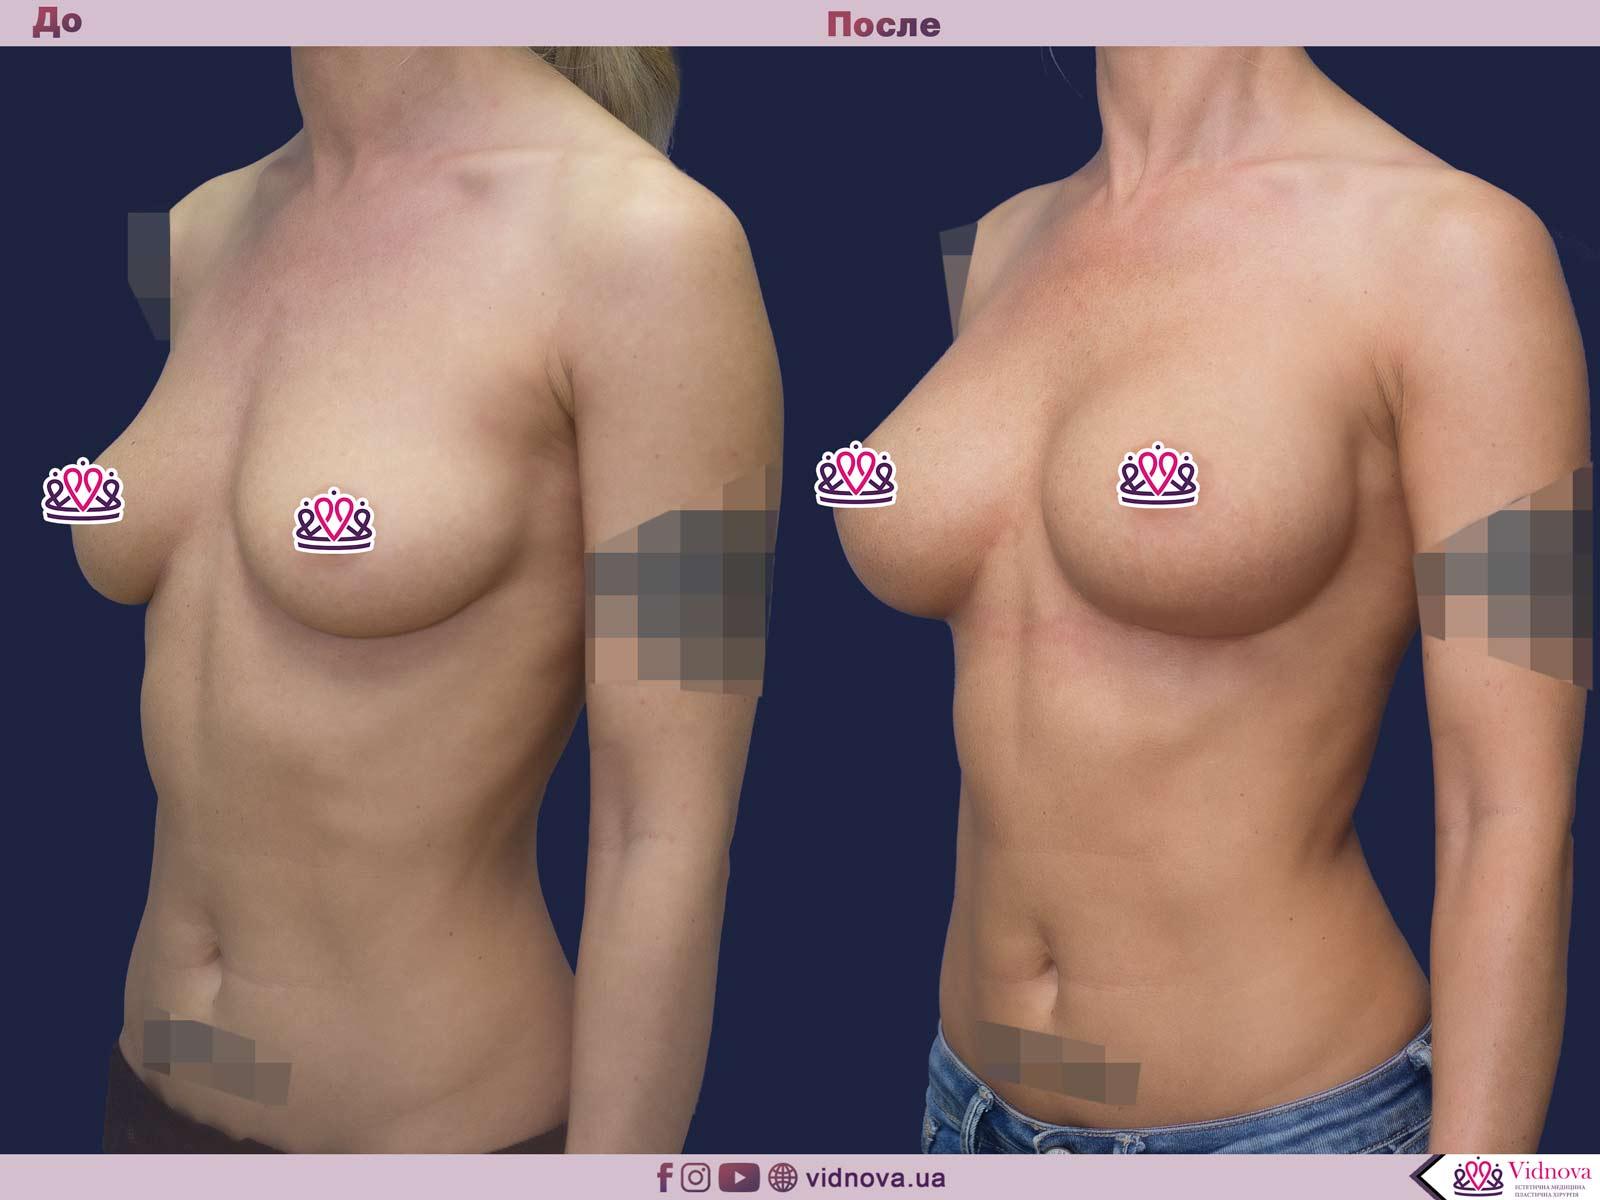 Пластика груди: результаты до и после - Пример №45-1 - Светлана Работенко